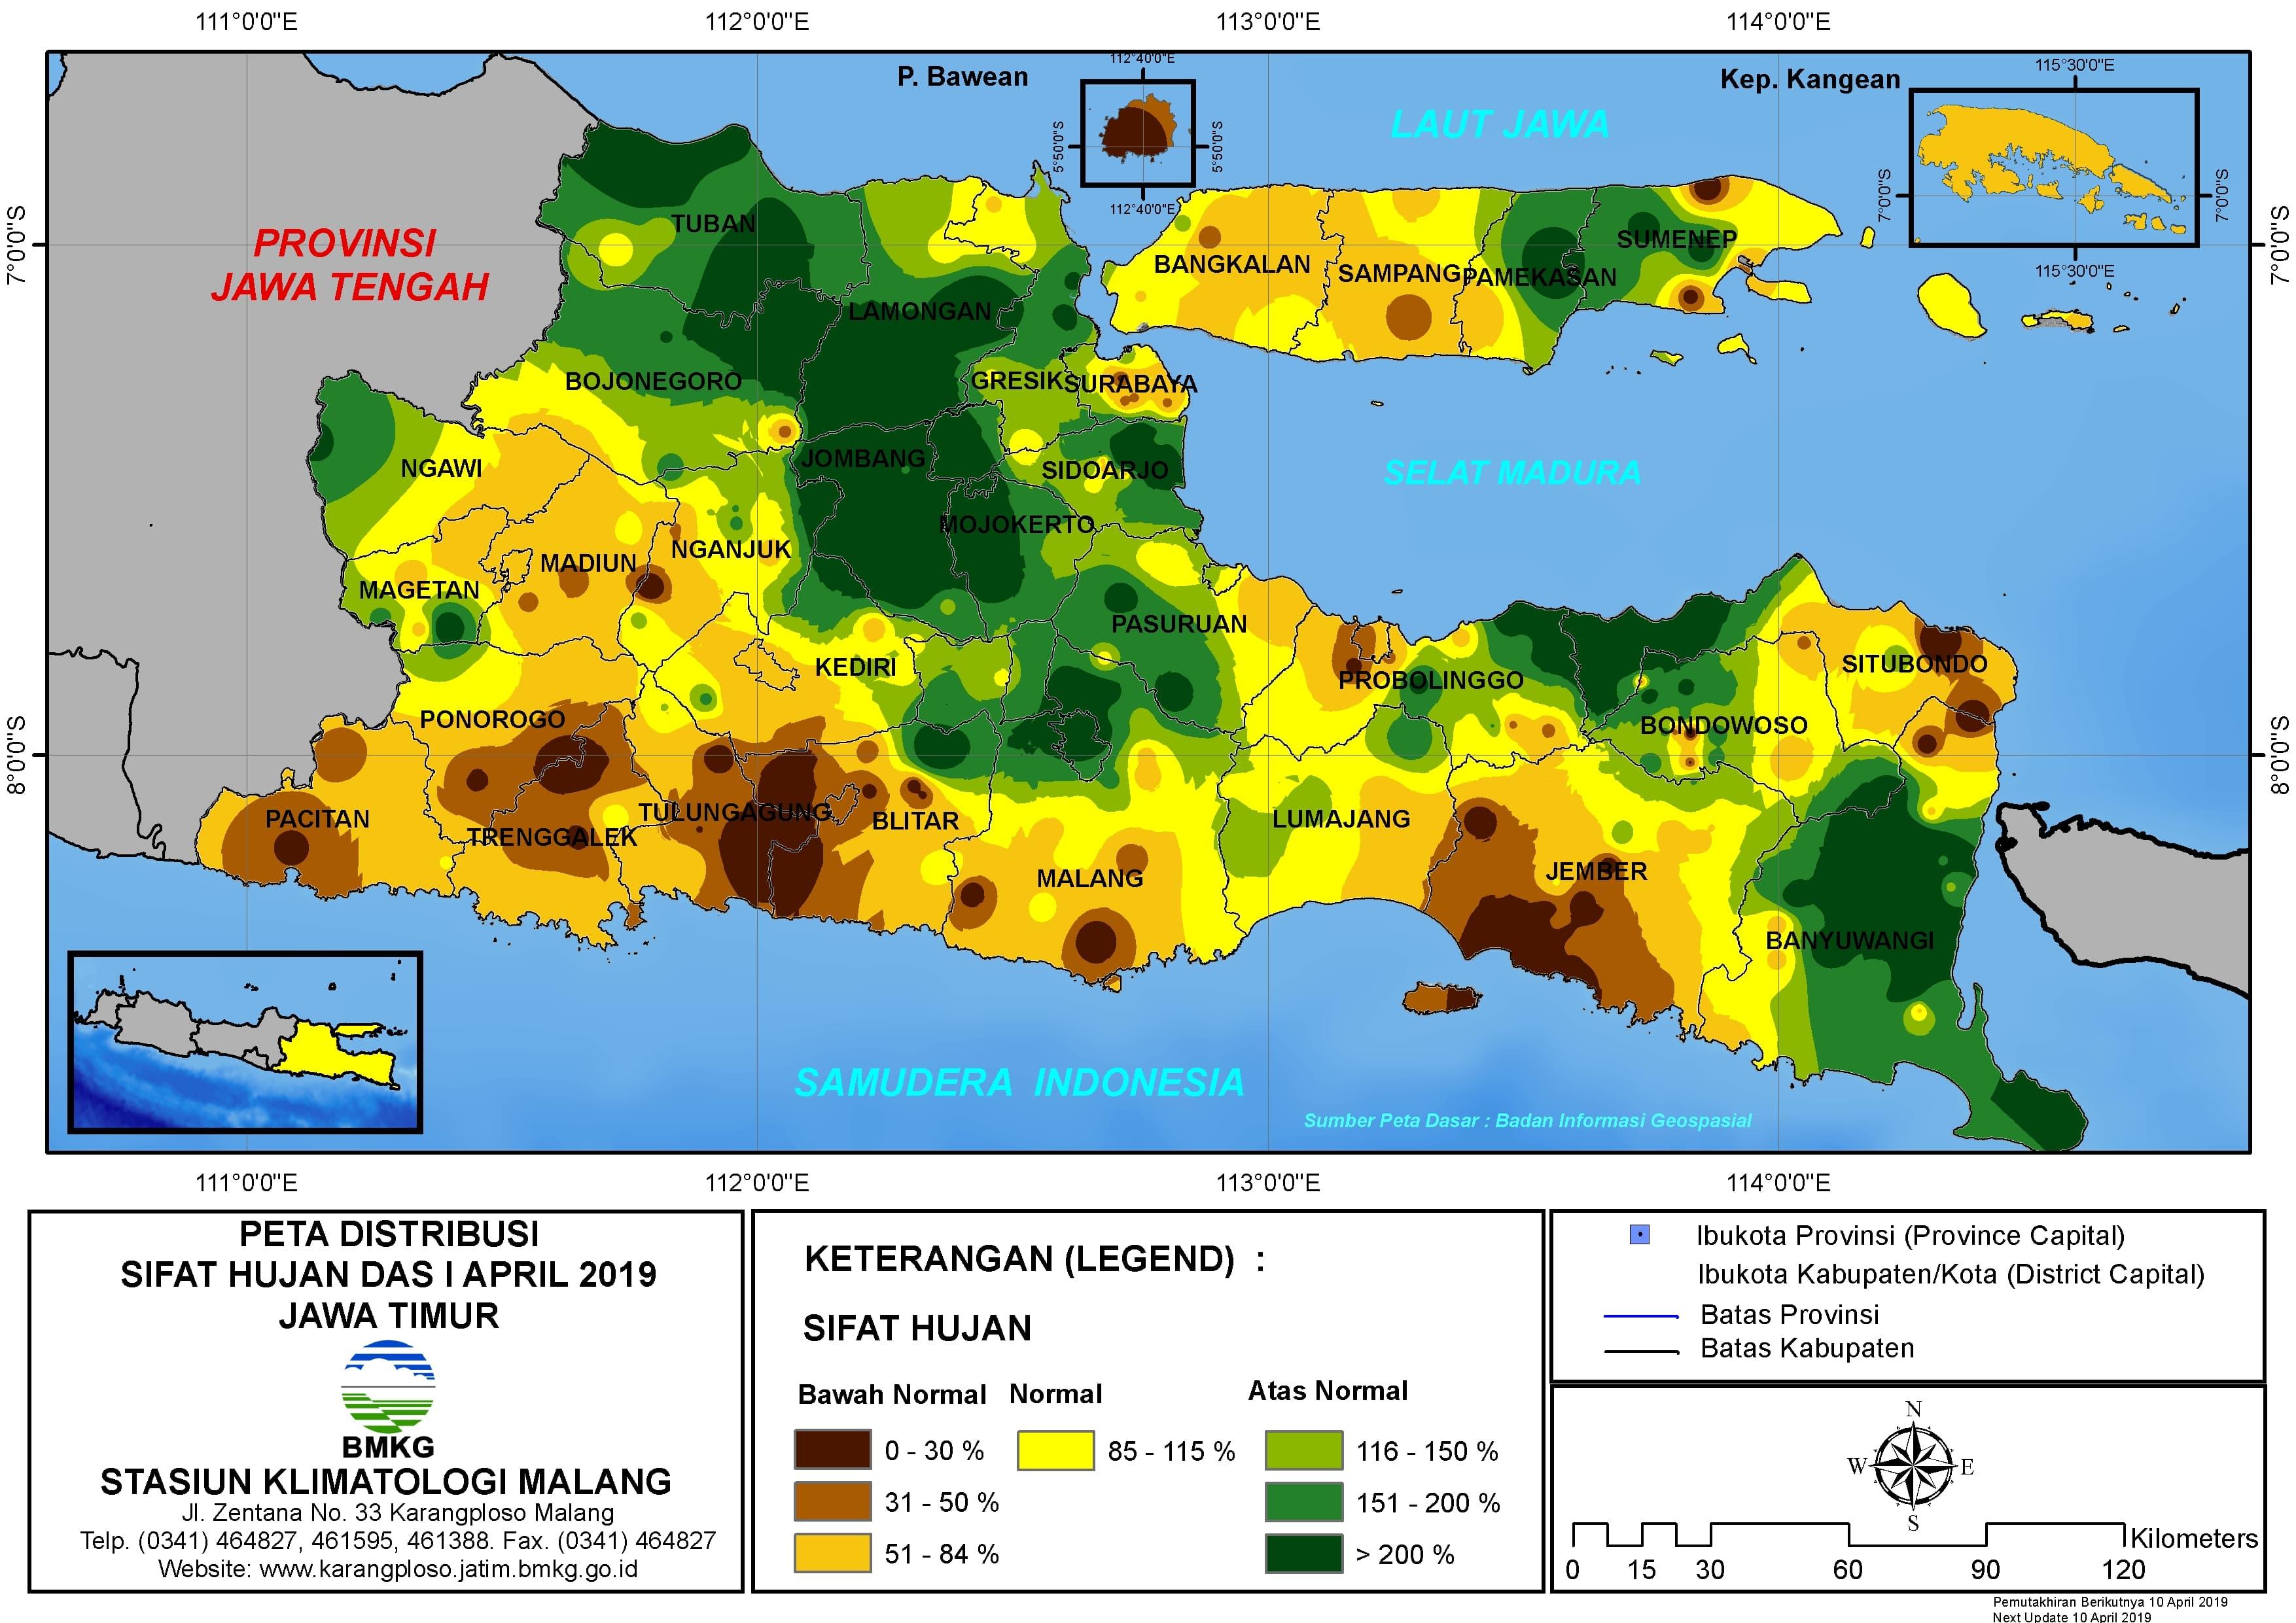 Peta Analisis Distribusi Sifat Hujan Dasarian I April 2019 di Provinsi Jawa Timur